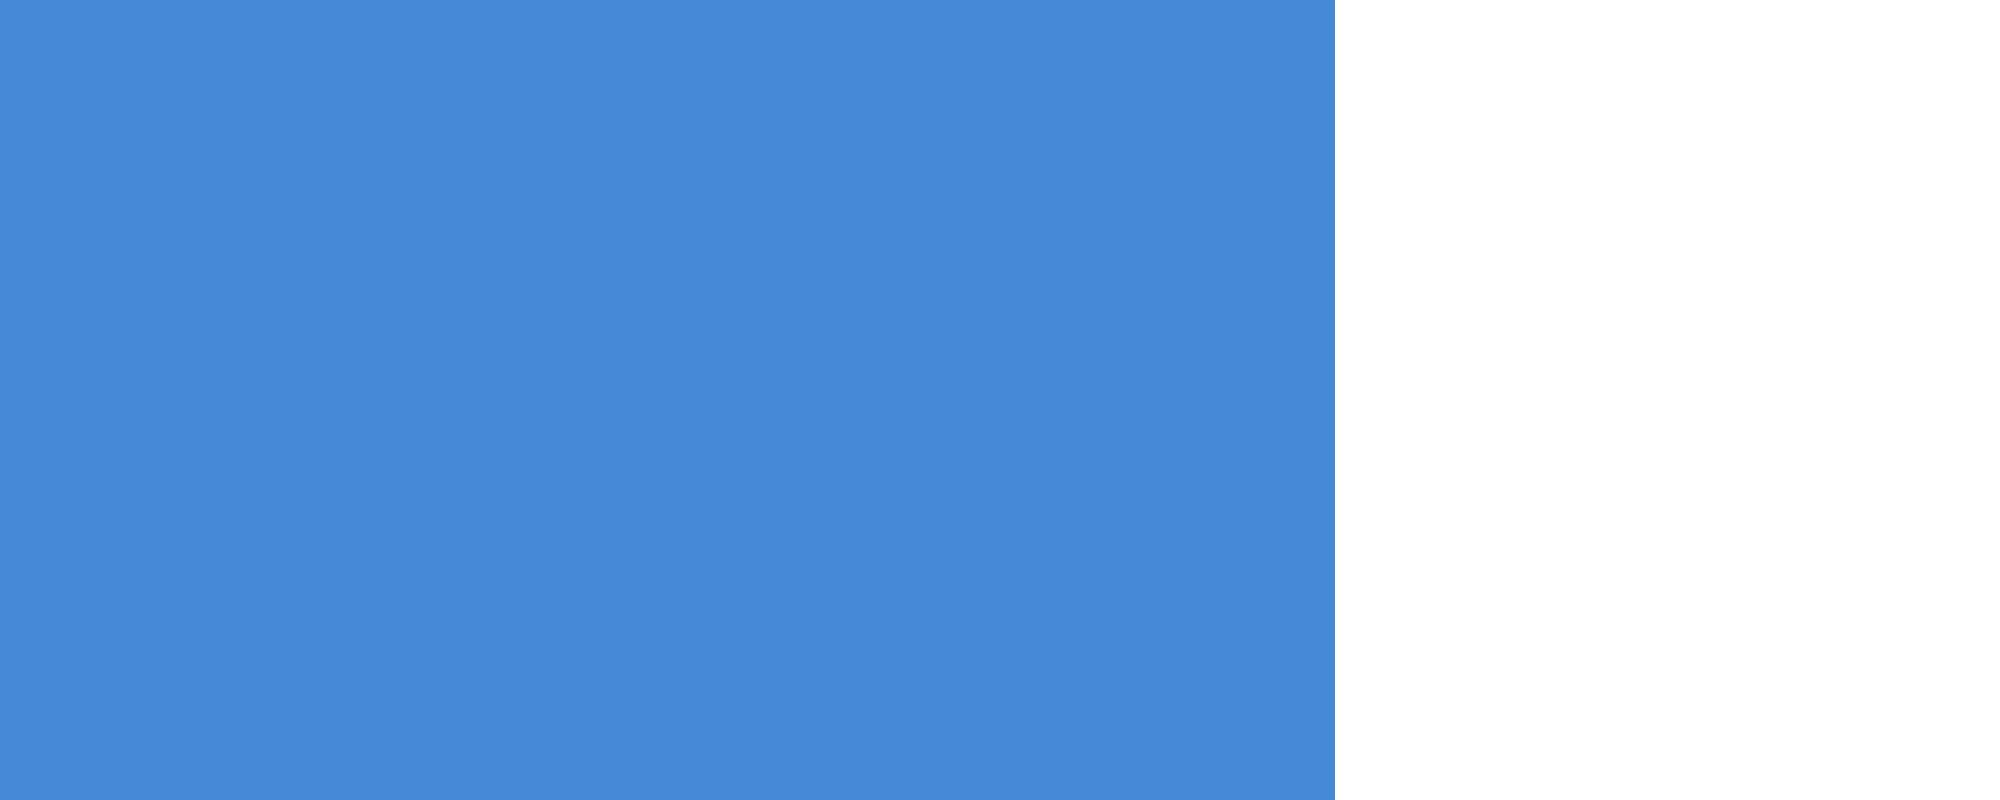 blauw verloop